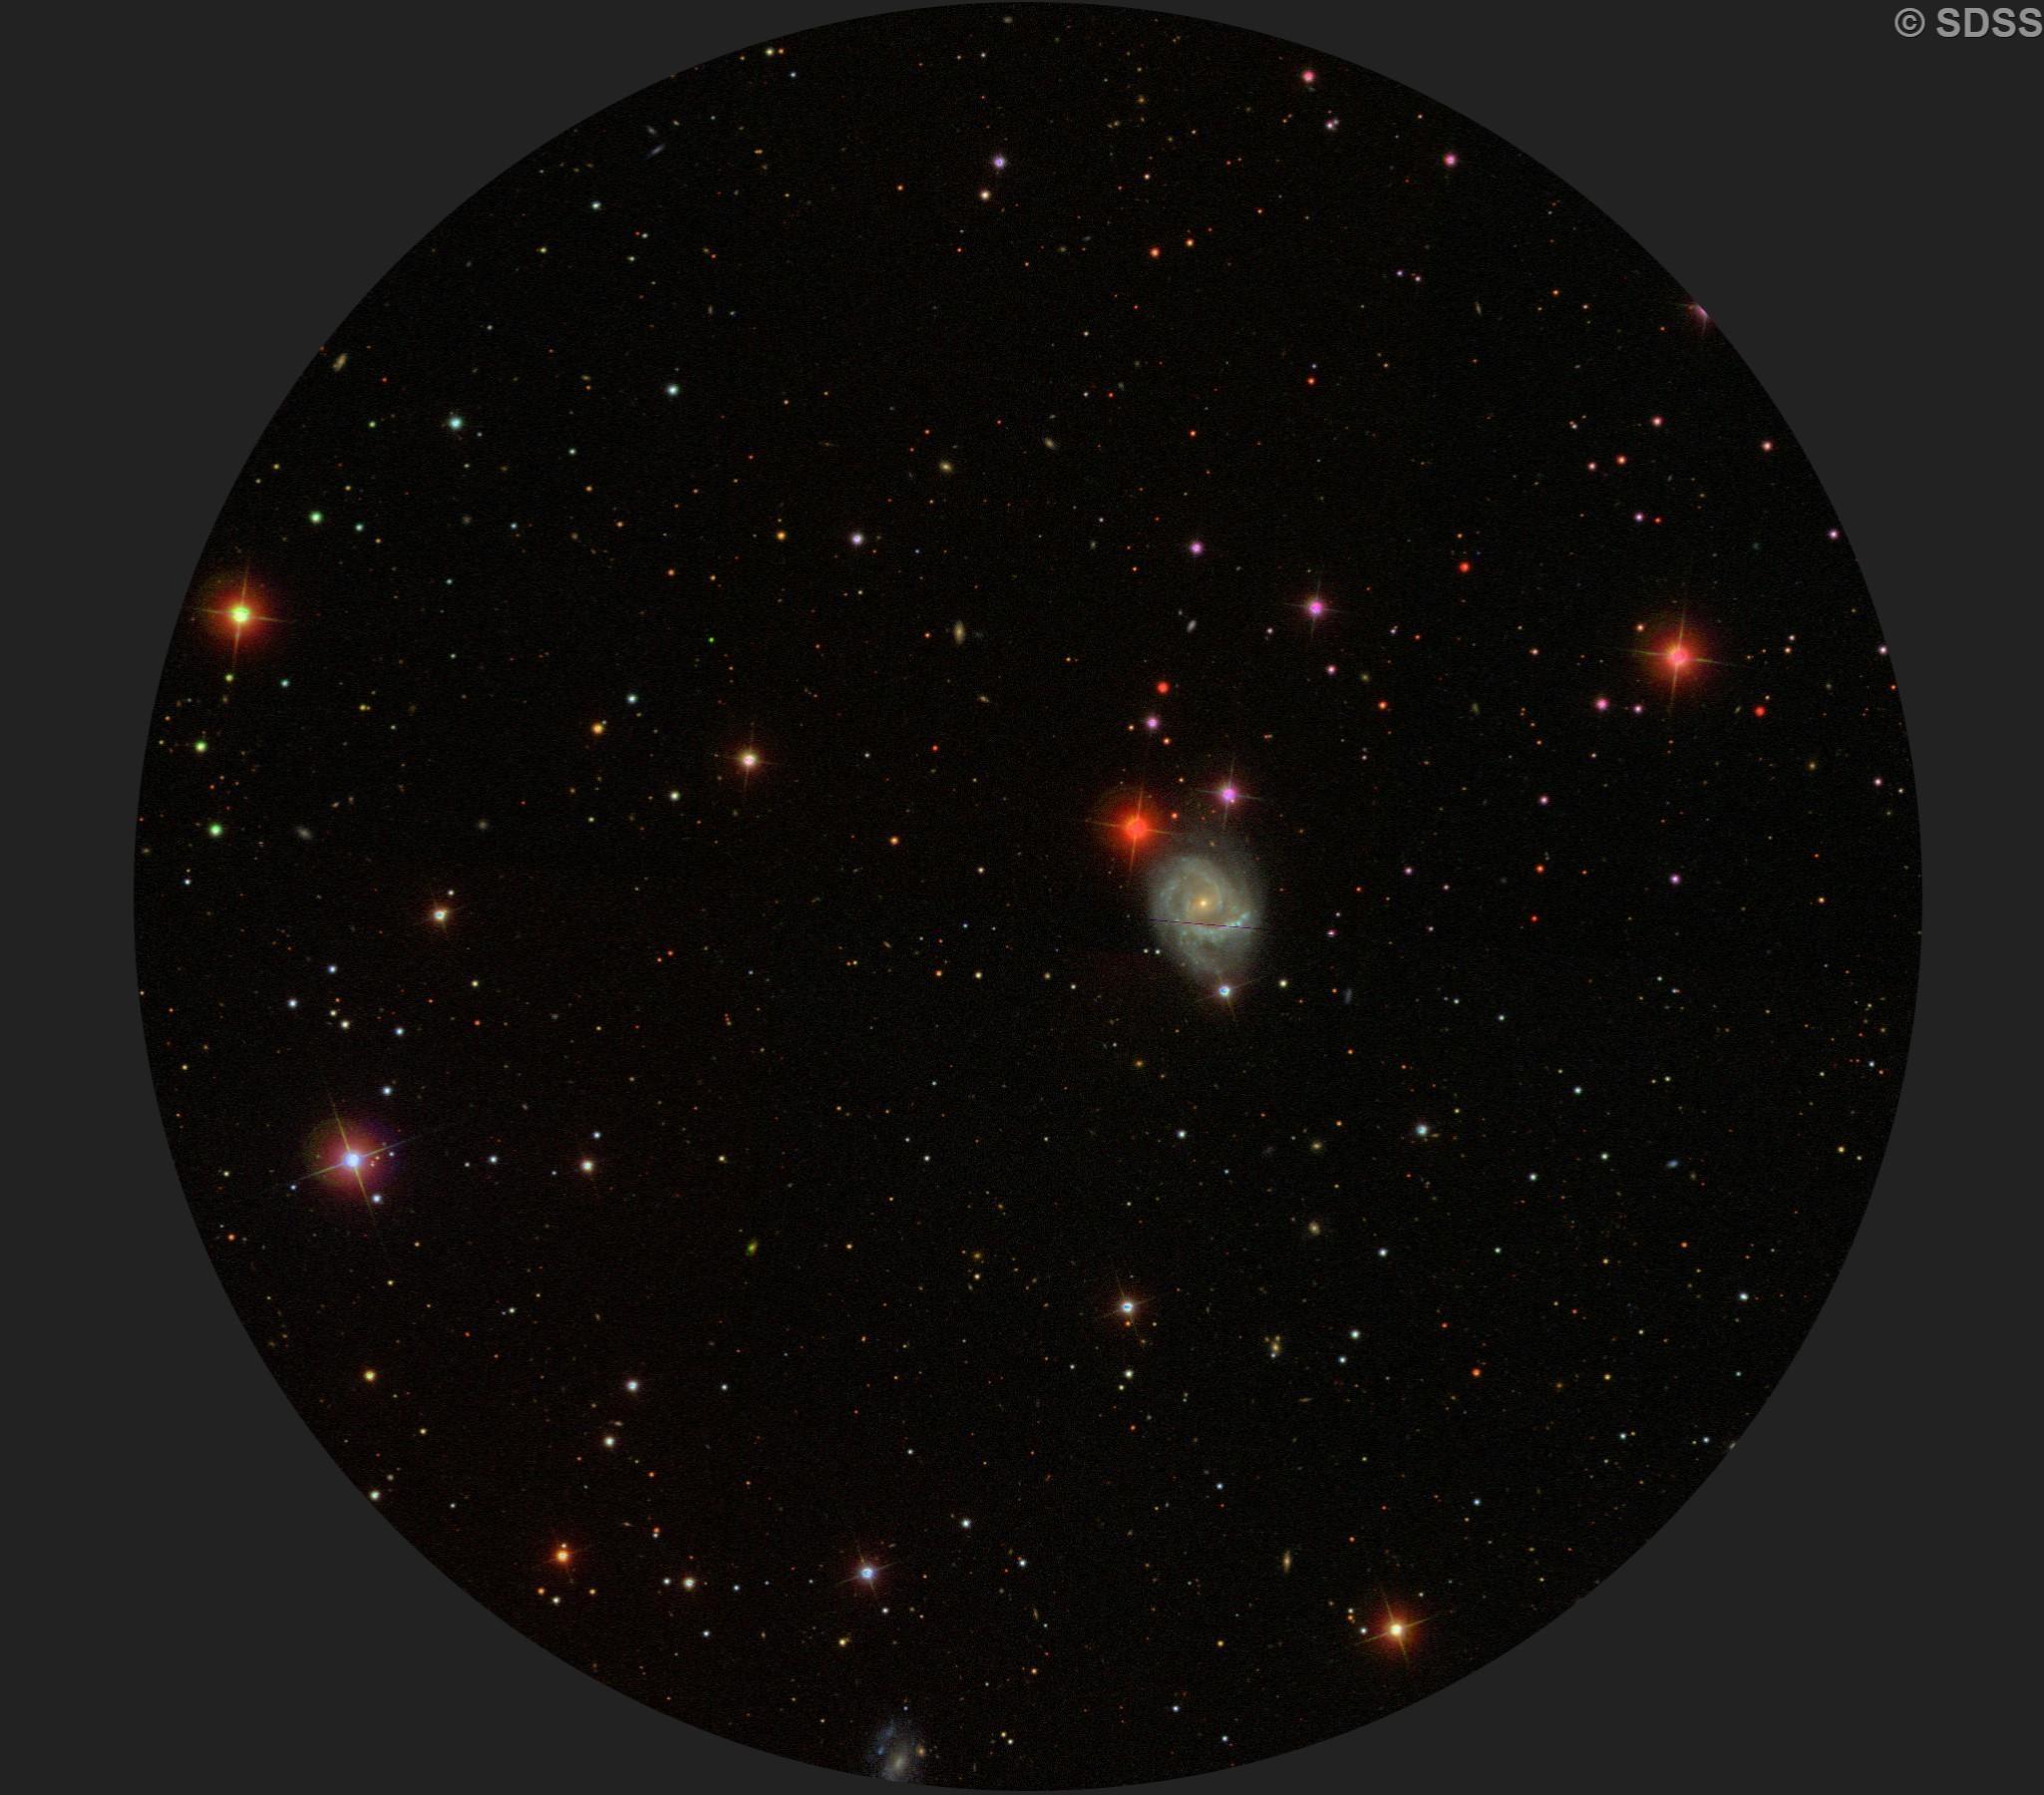 NGC 7678